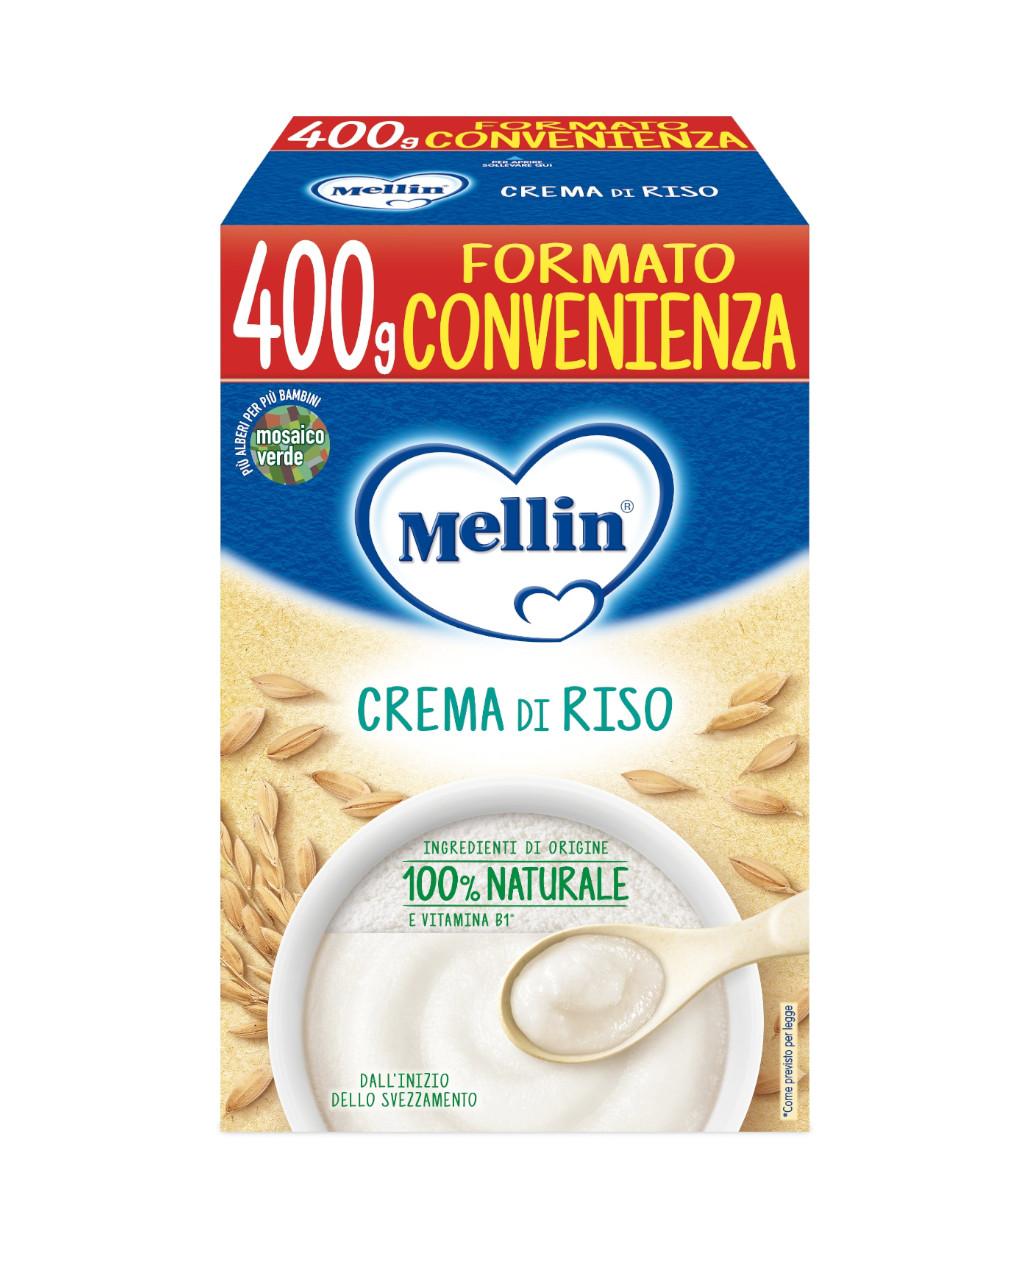 Mellin - crema di riso 400g - Mellin